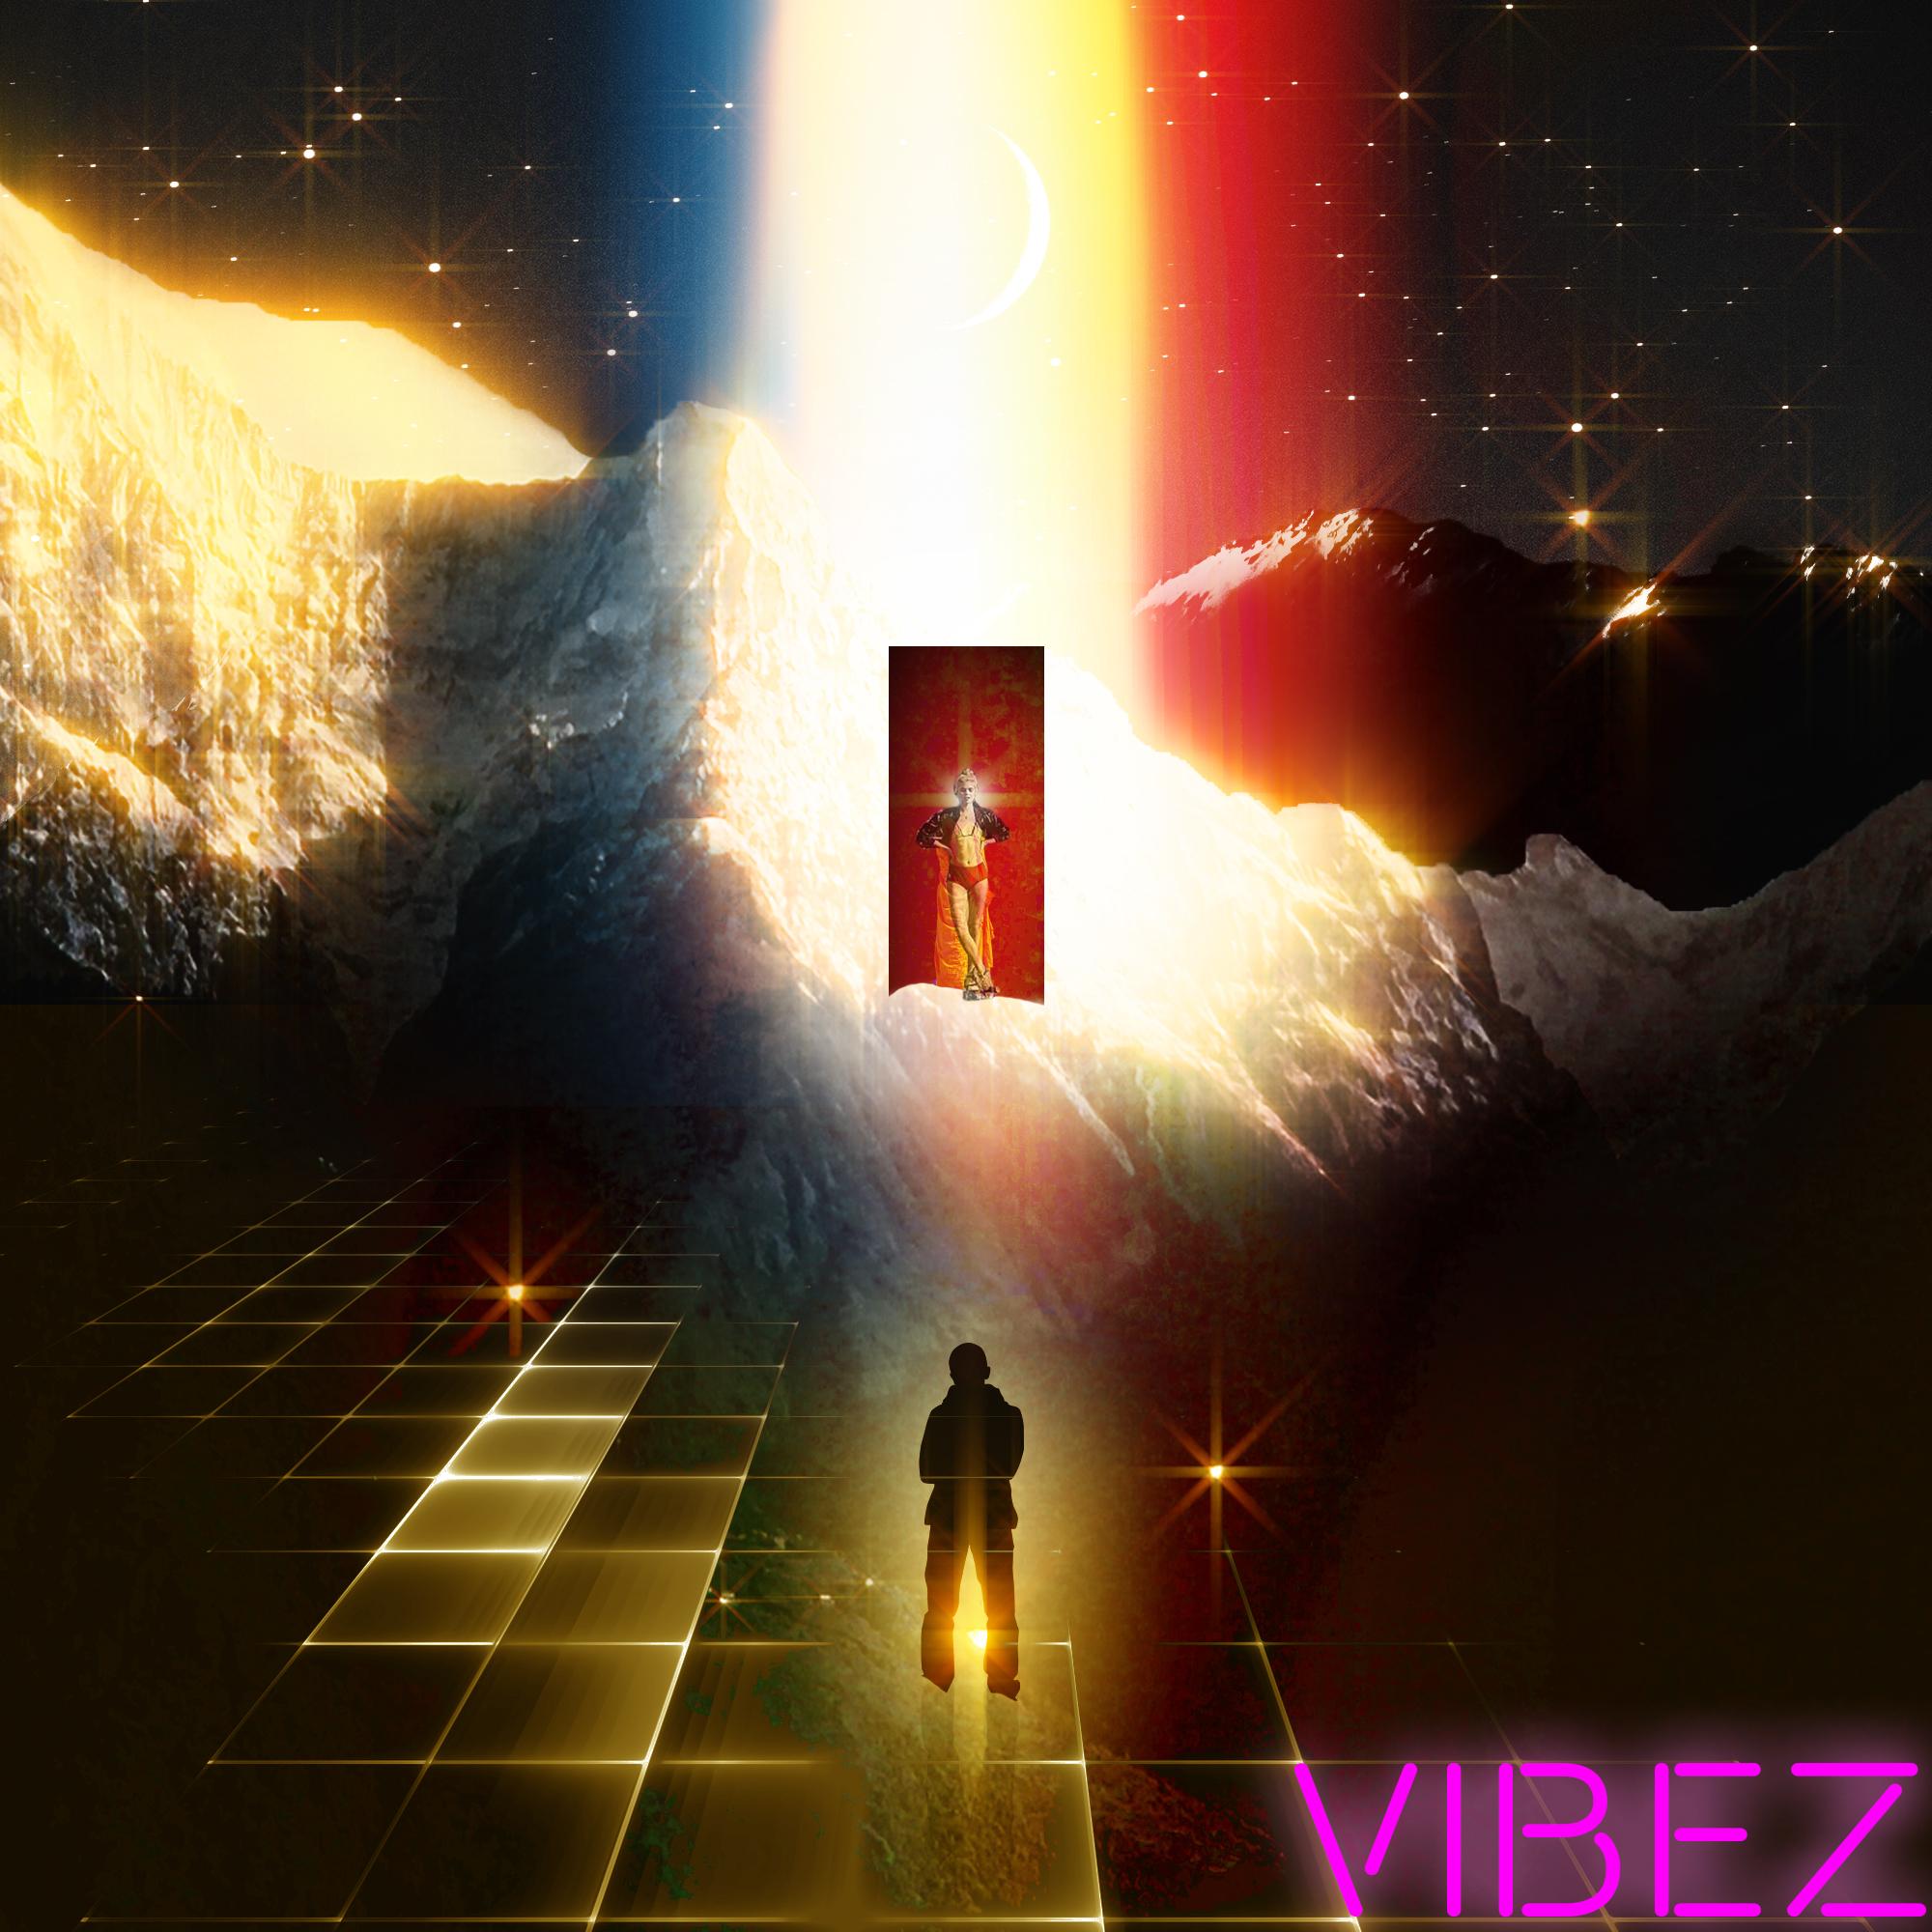 VIBEZ COVER.jpg